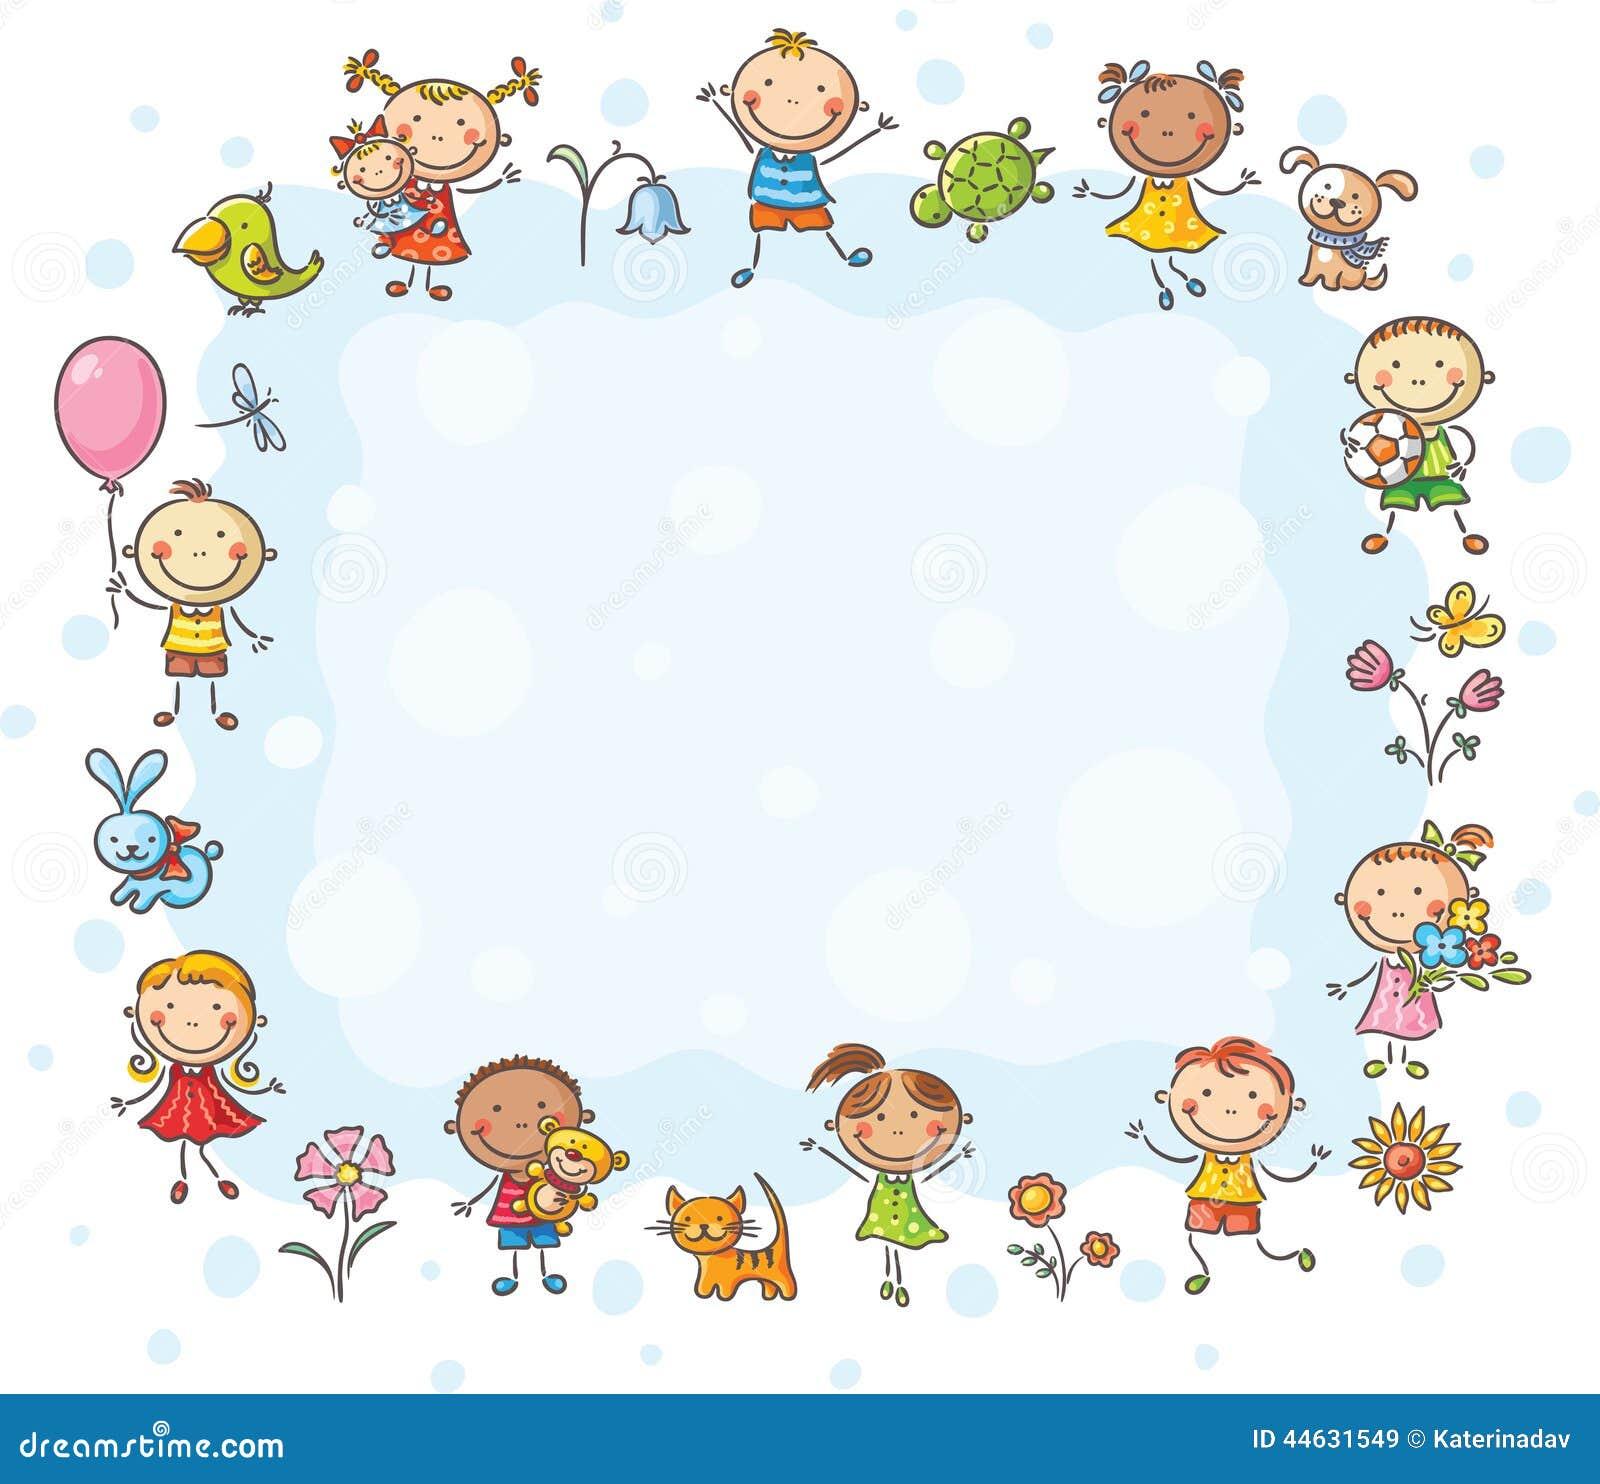 Stock De Ilustraci%C3%B3n Marco Rectangular Con Los Ni%C3%B1os Y Las Flores Image44631549 on Preschool Clip